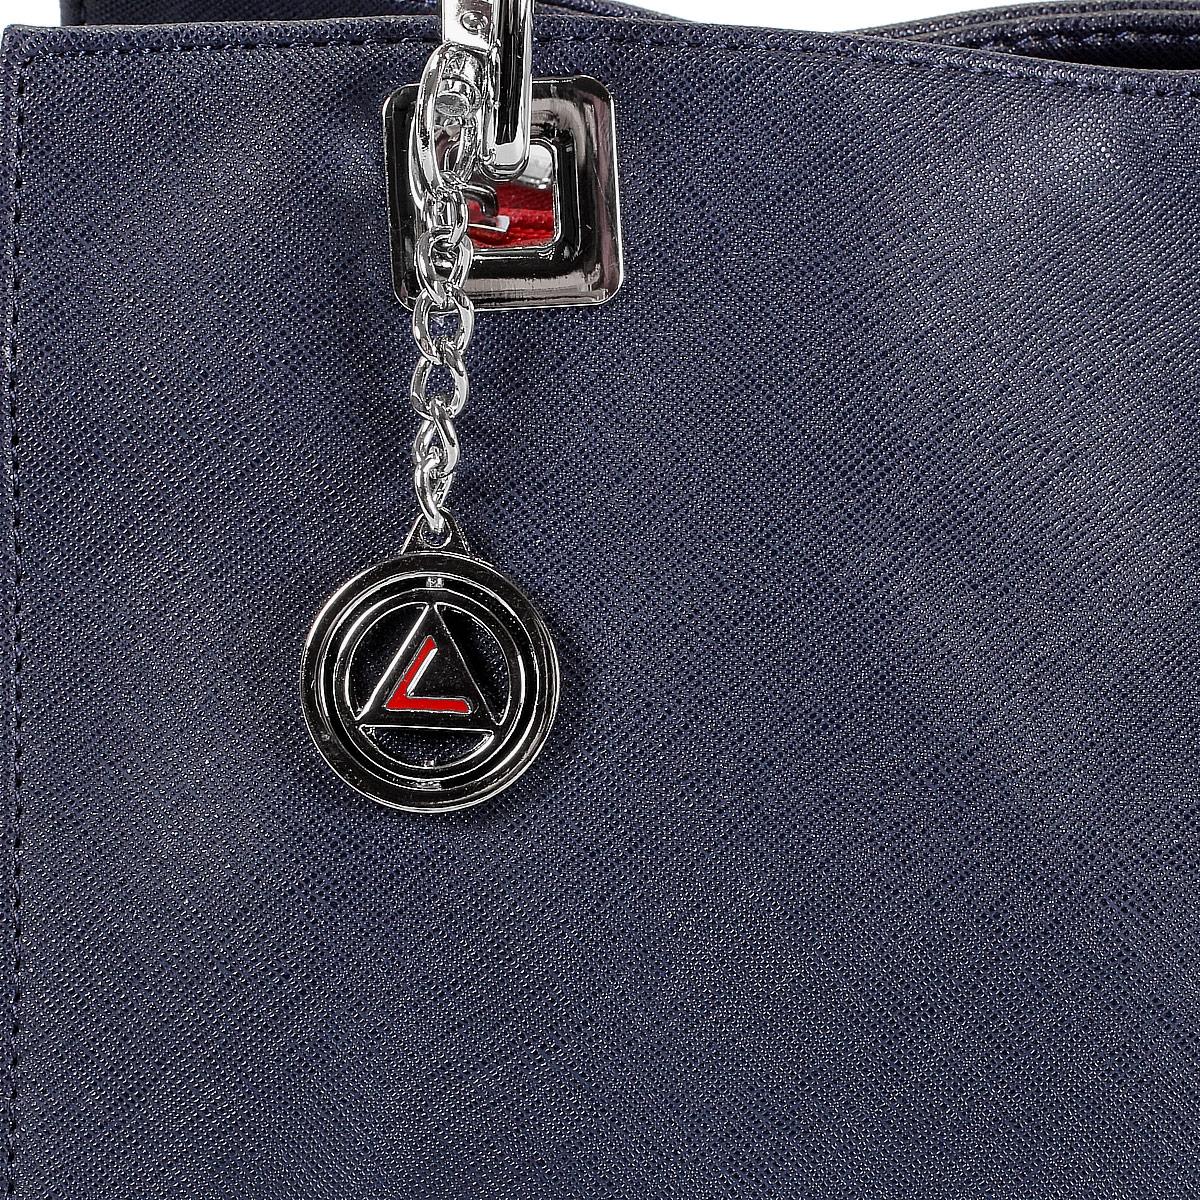 Сумка женская Leighton, цвет: синий, красный. 560299-3769 ( 560299-3769/4/3769/16 )